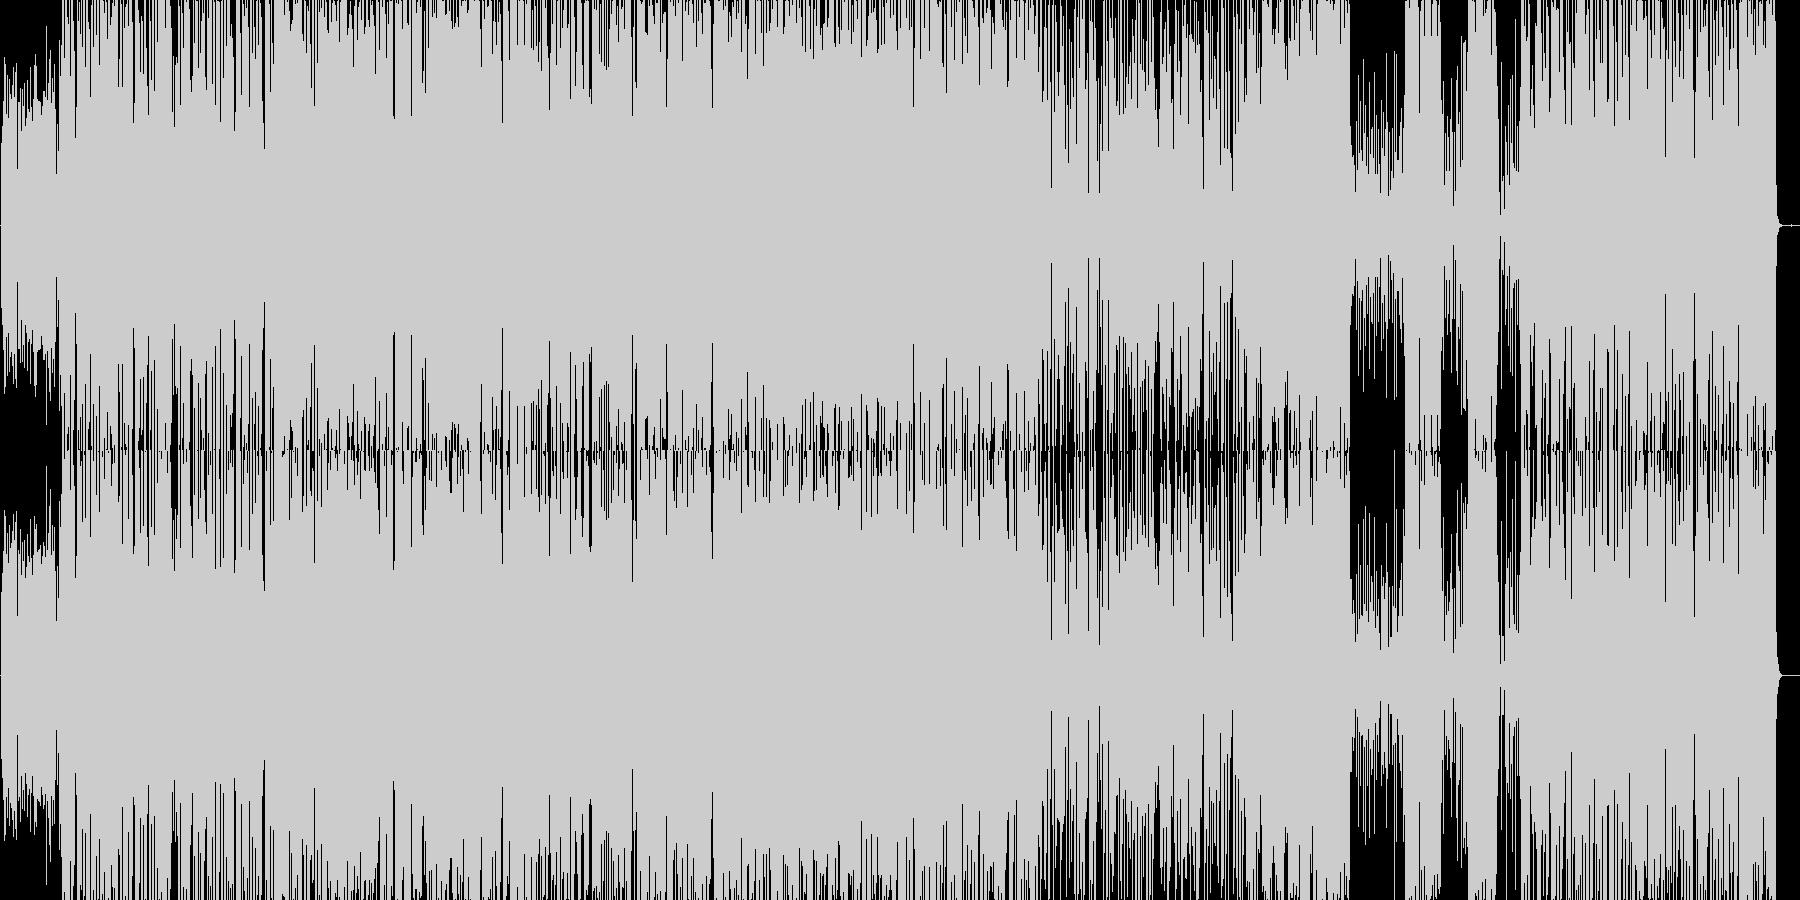 ガーシュウィンの早めジャズピアノトリオの未再生の波形